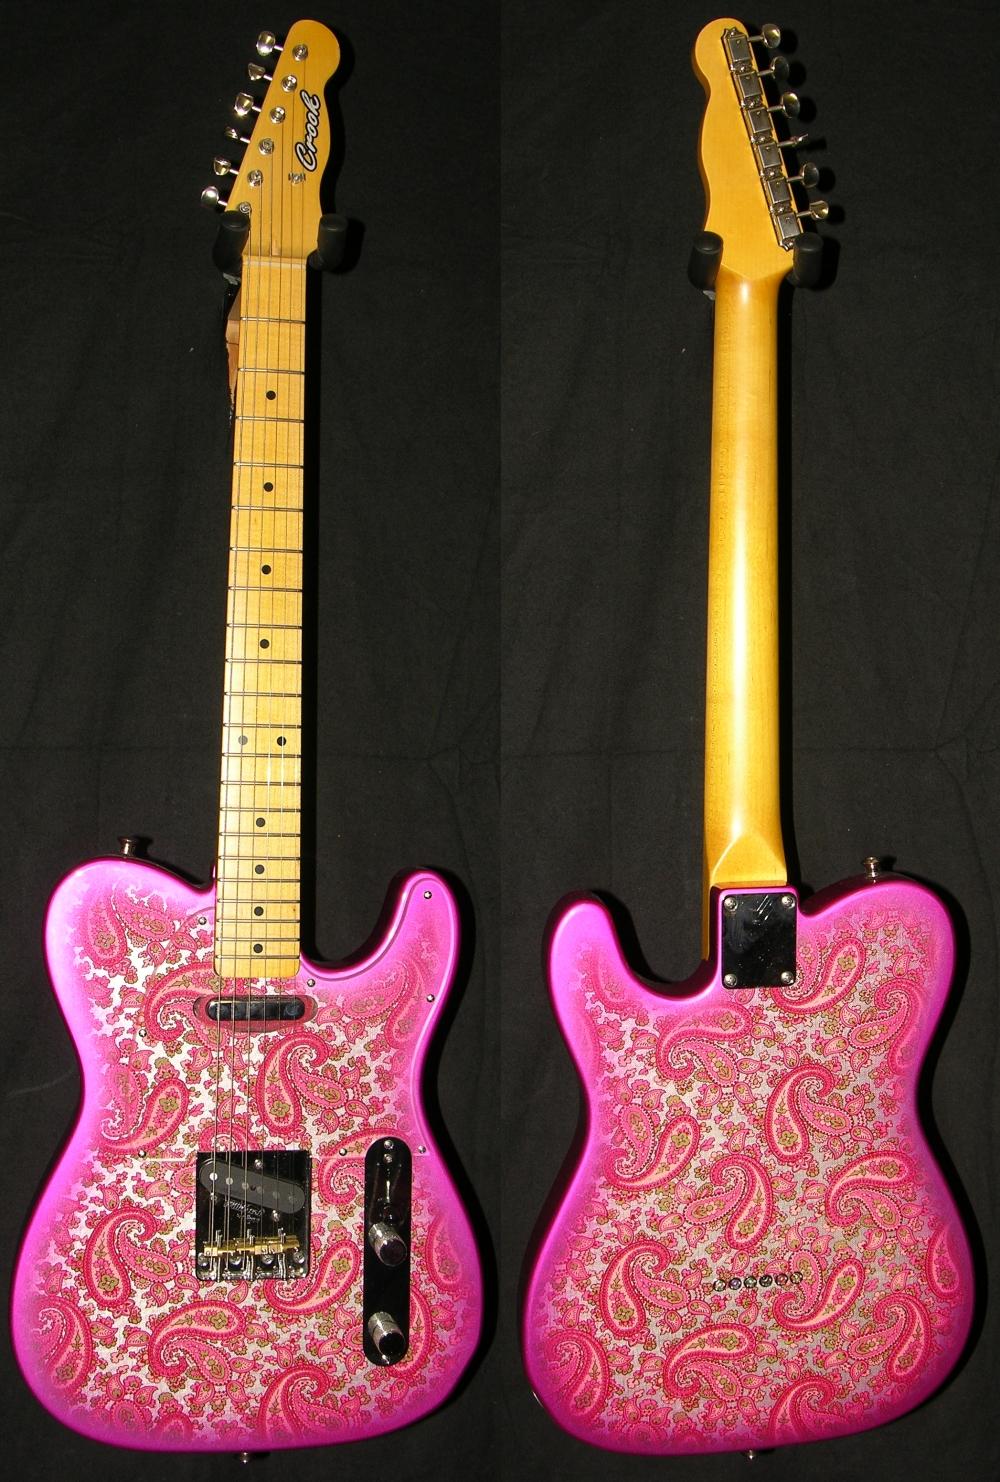 paisleys crook custom guitars. Black Bedroom Furniture Sets. Home Design Ideas